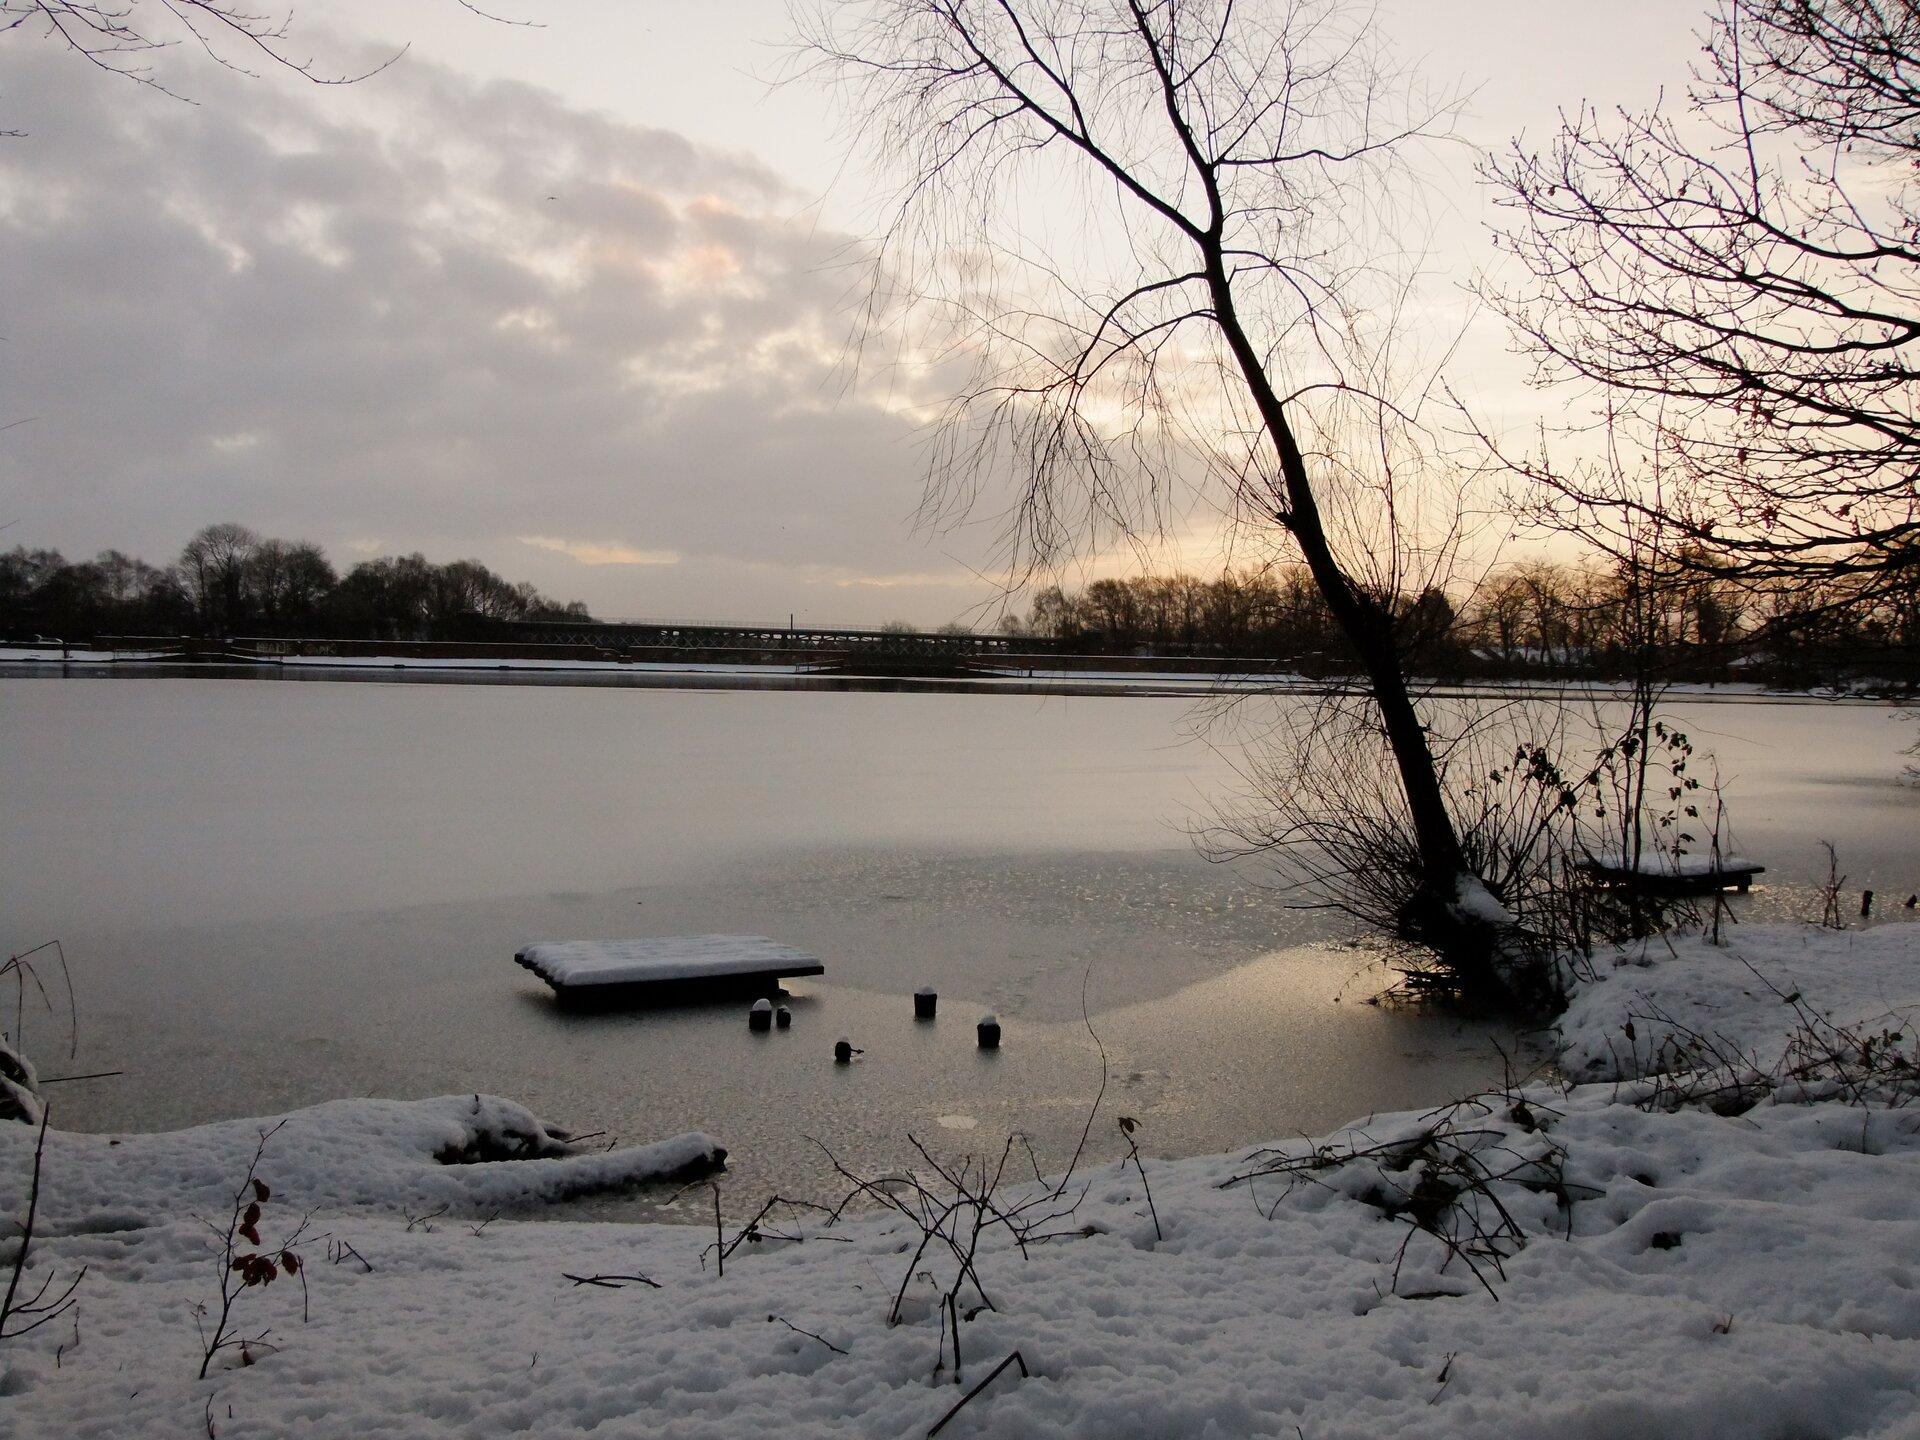 Fotografia wykonana zimą prezentuje duże jezioro oraz fragment jego brzegu okrytego śniegiem. Tafla jeziora jest okryta śniegiem ilodem. Przy samym brzegu nie ma lodu na jeziorze.